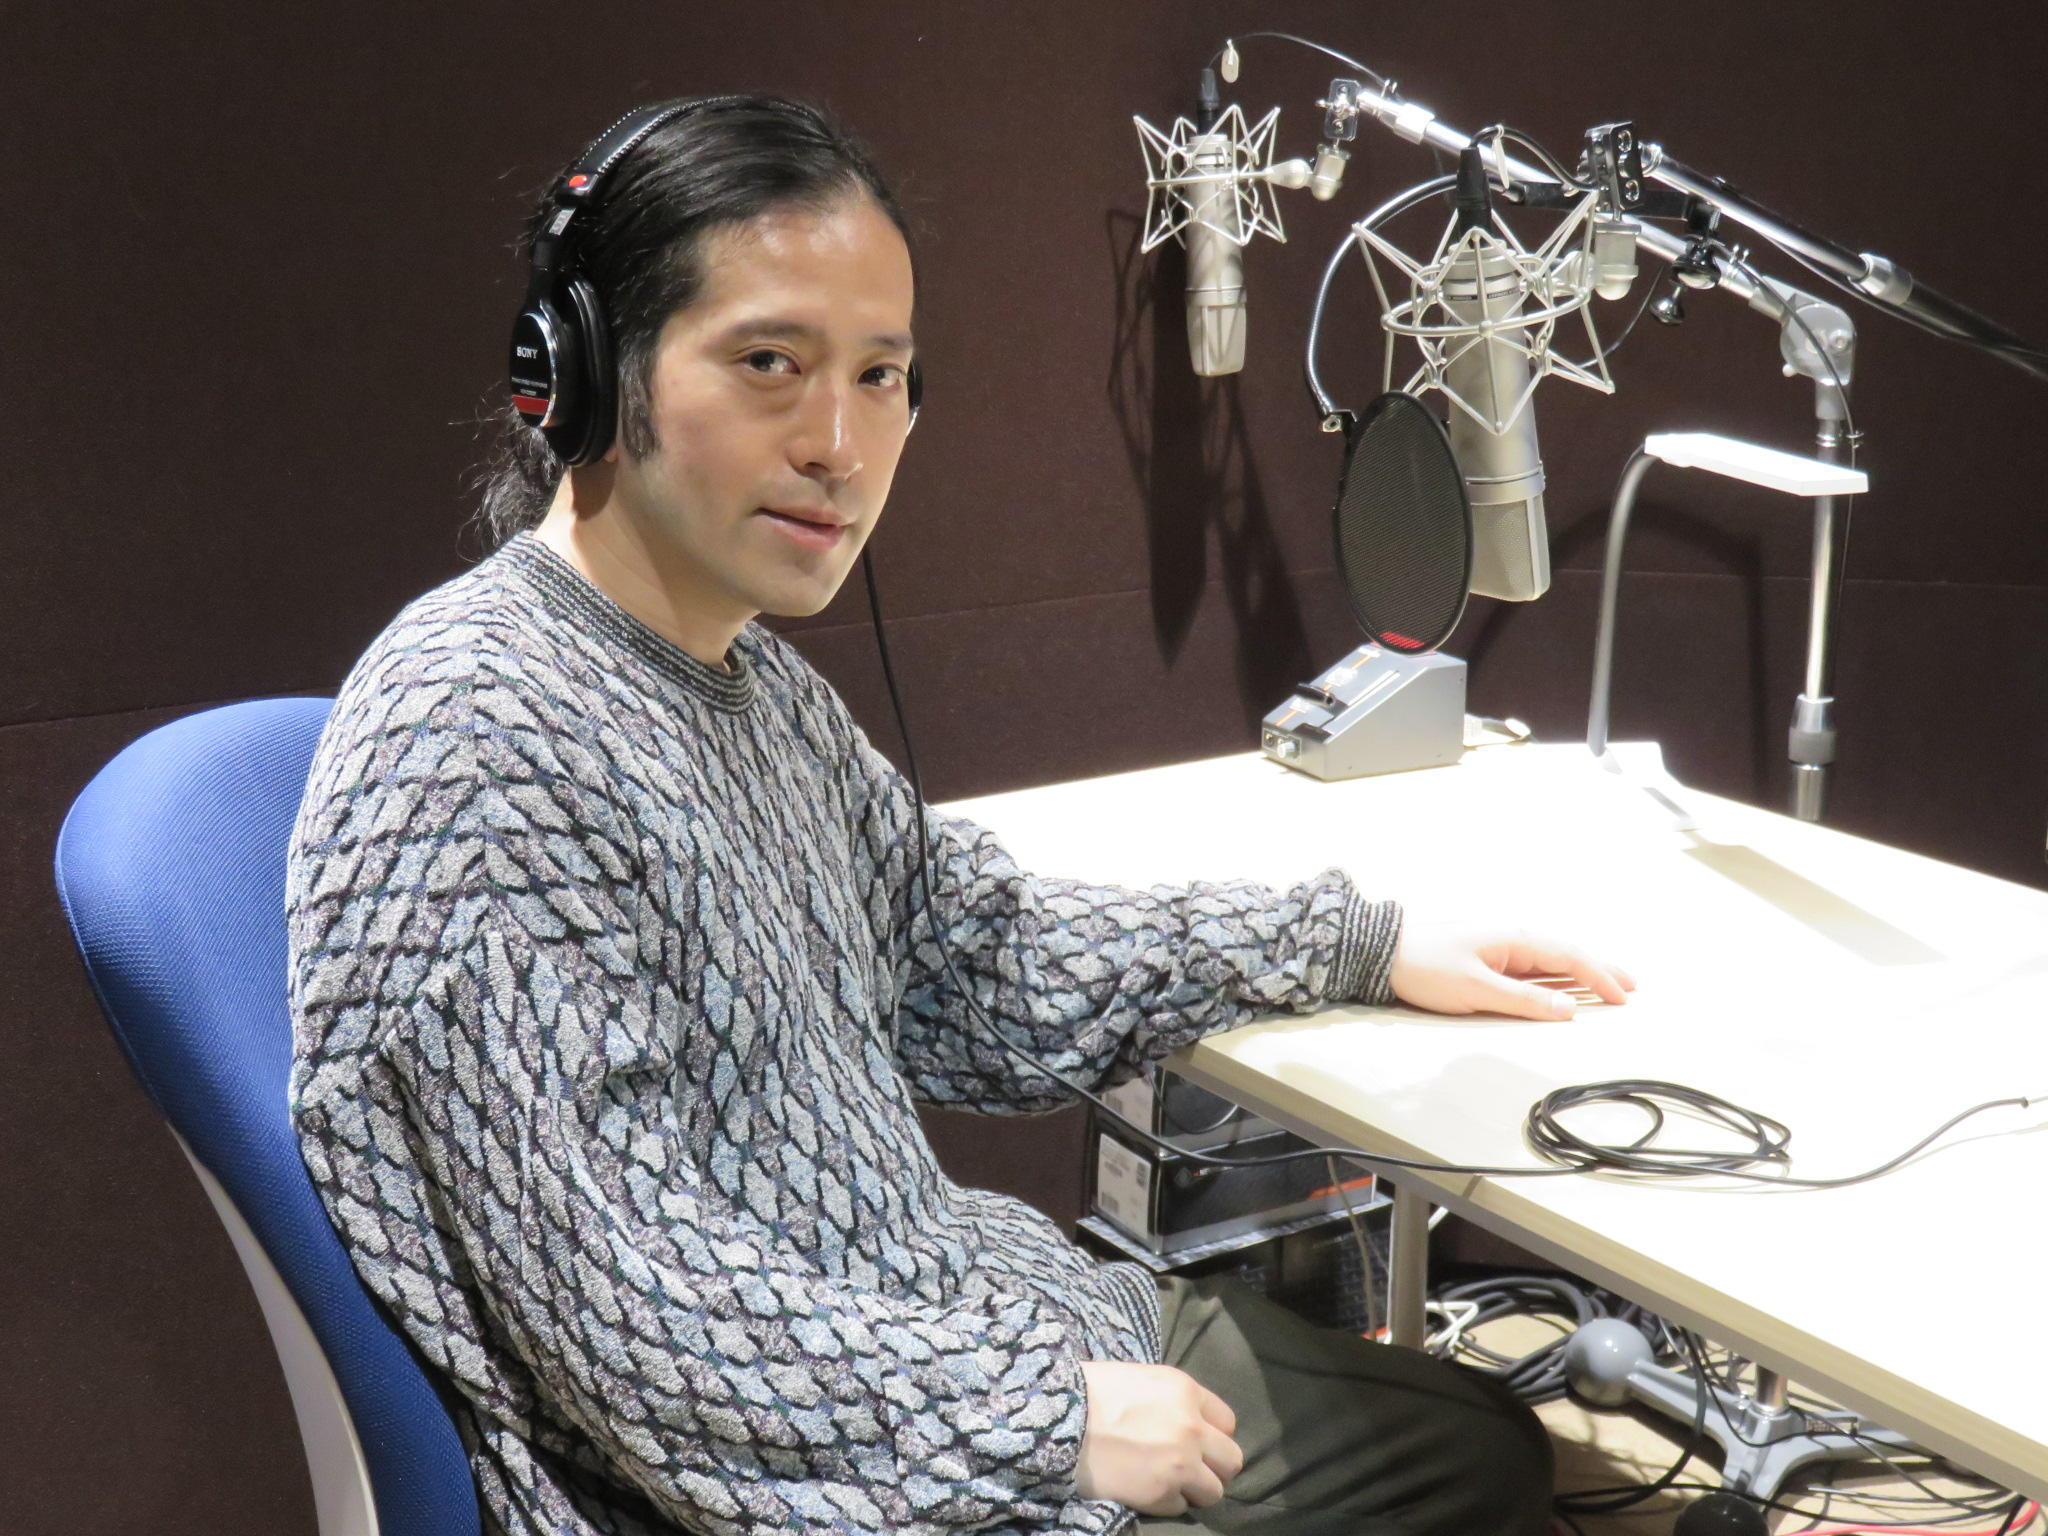 http://news.yoshimoto.co.jp/20170406171416-3ac5dbc5c4575d9131295b22bddbffb542616a87.jpg